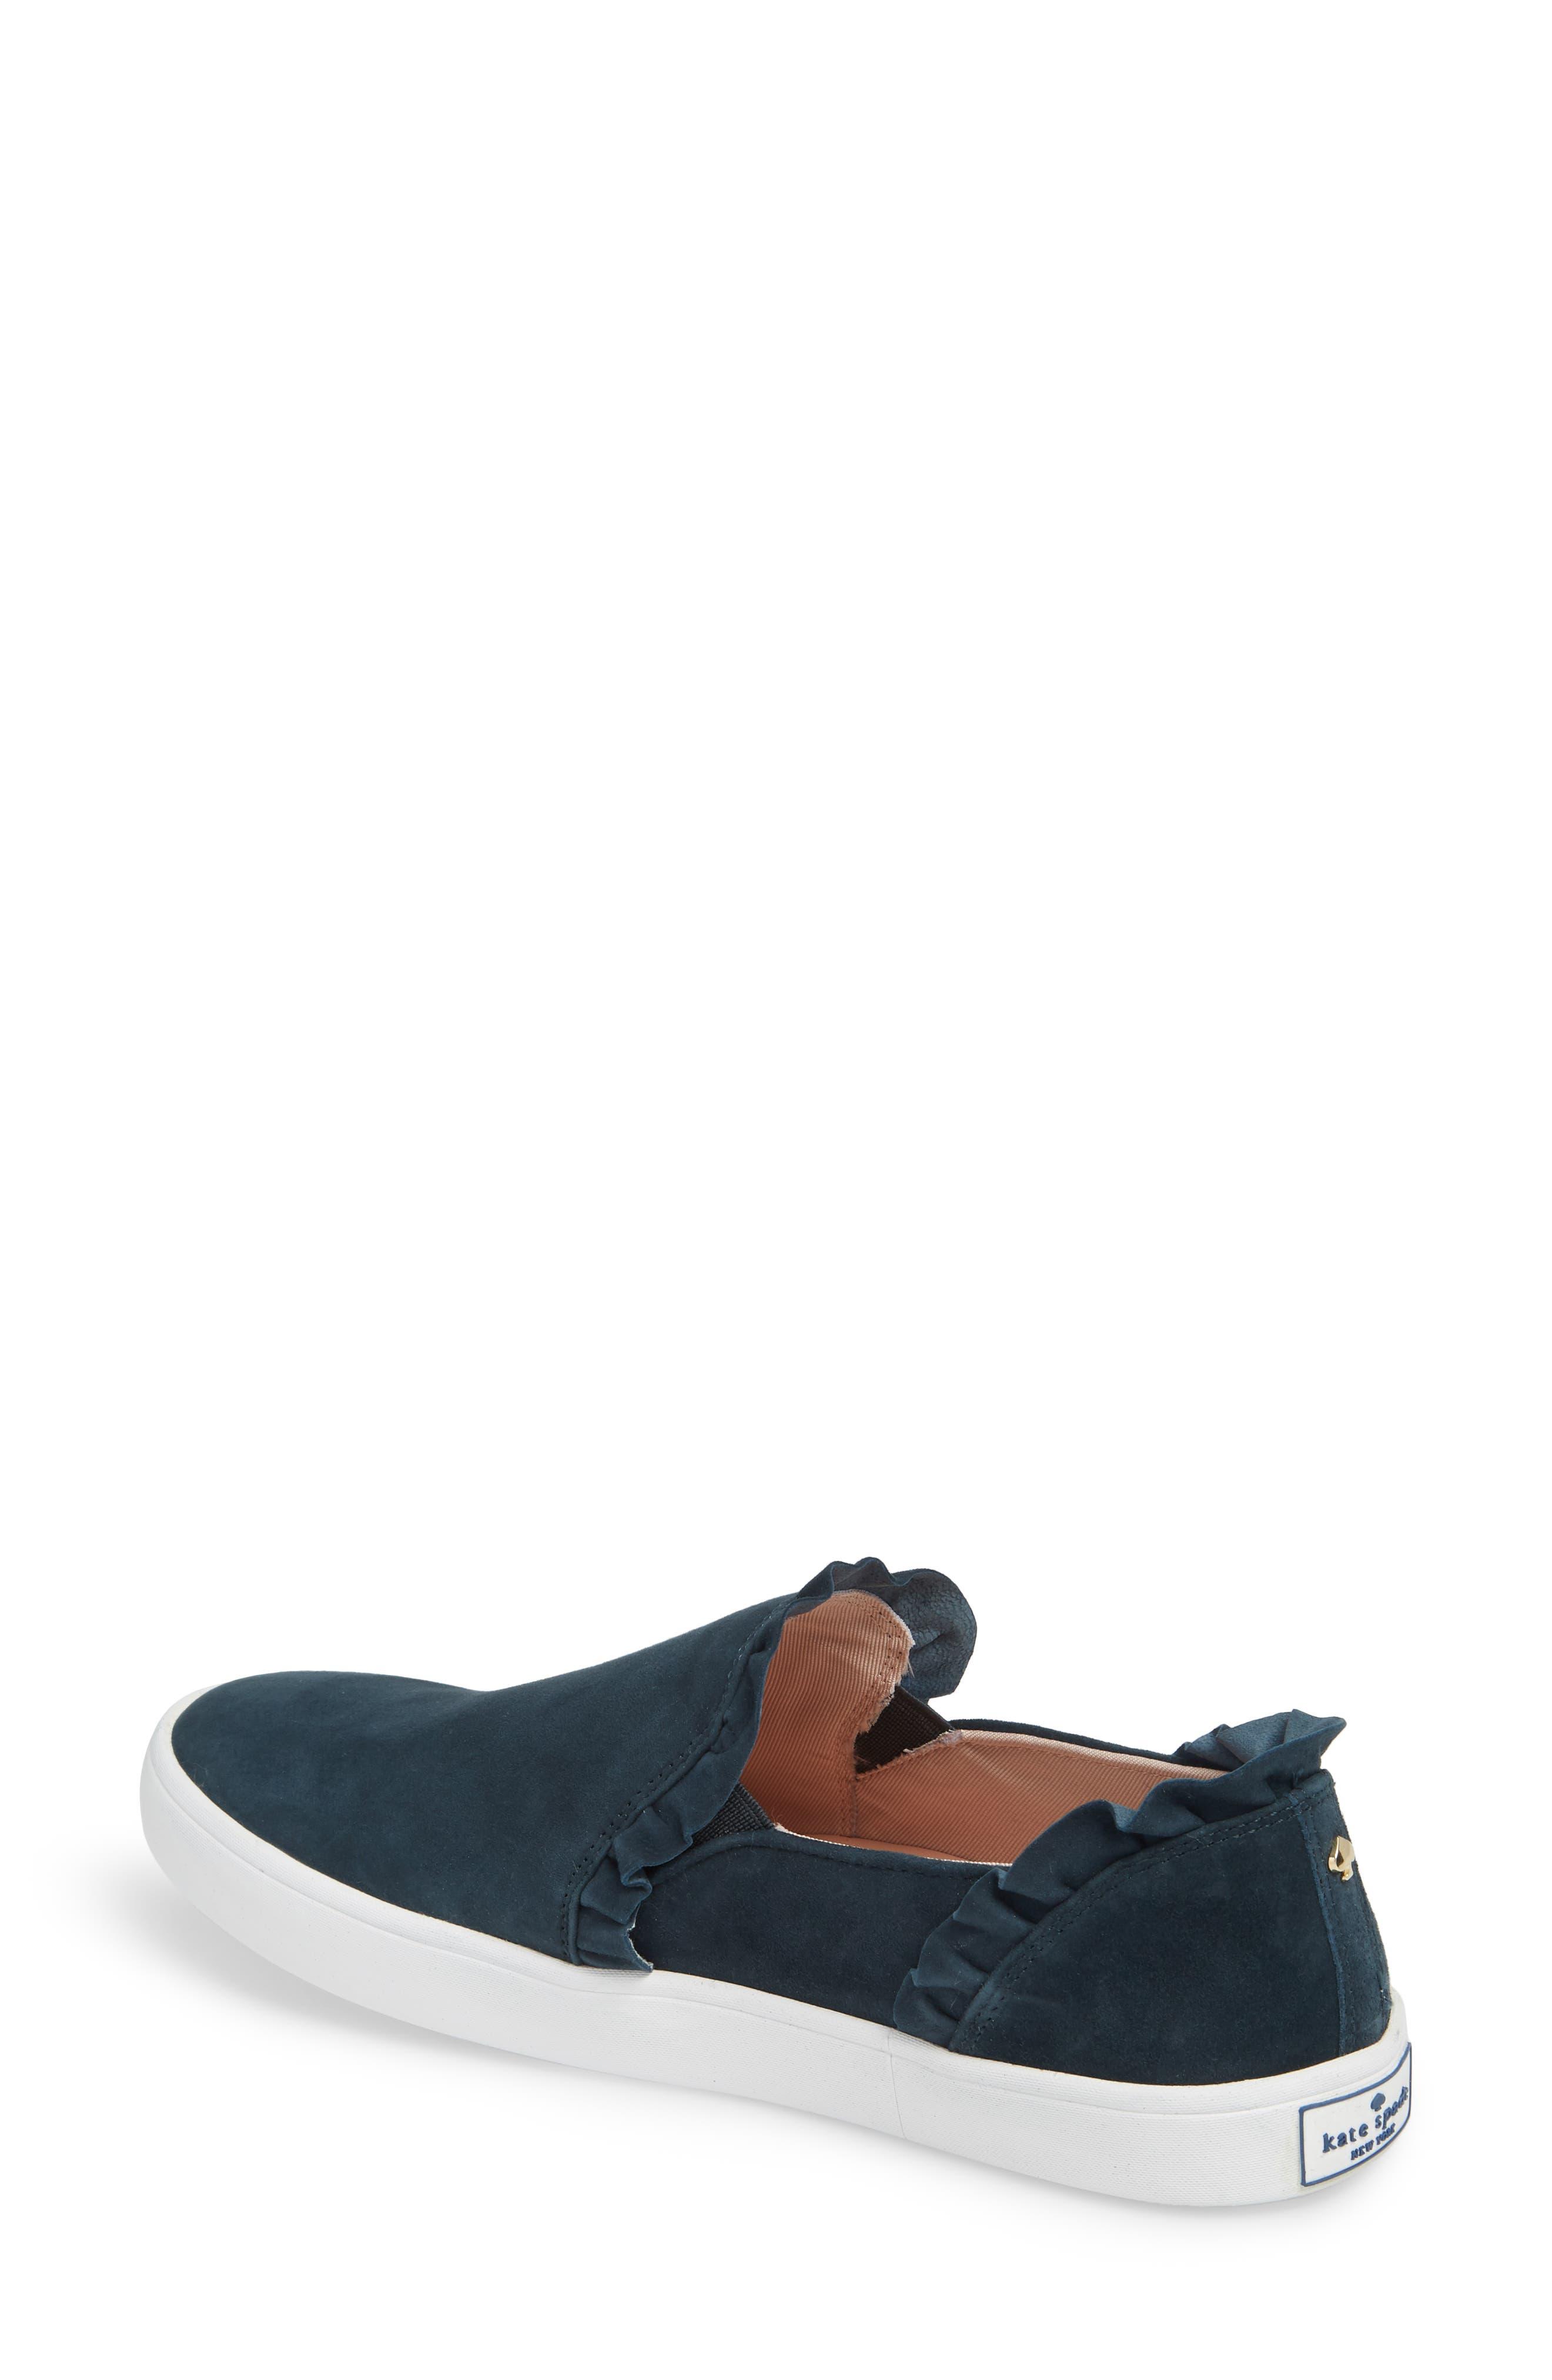 lilly ruffle slip-on sneaker,                             Alternate thumbnail 2, color,                             Navy